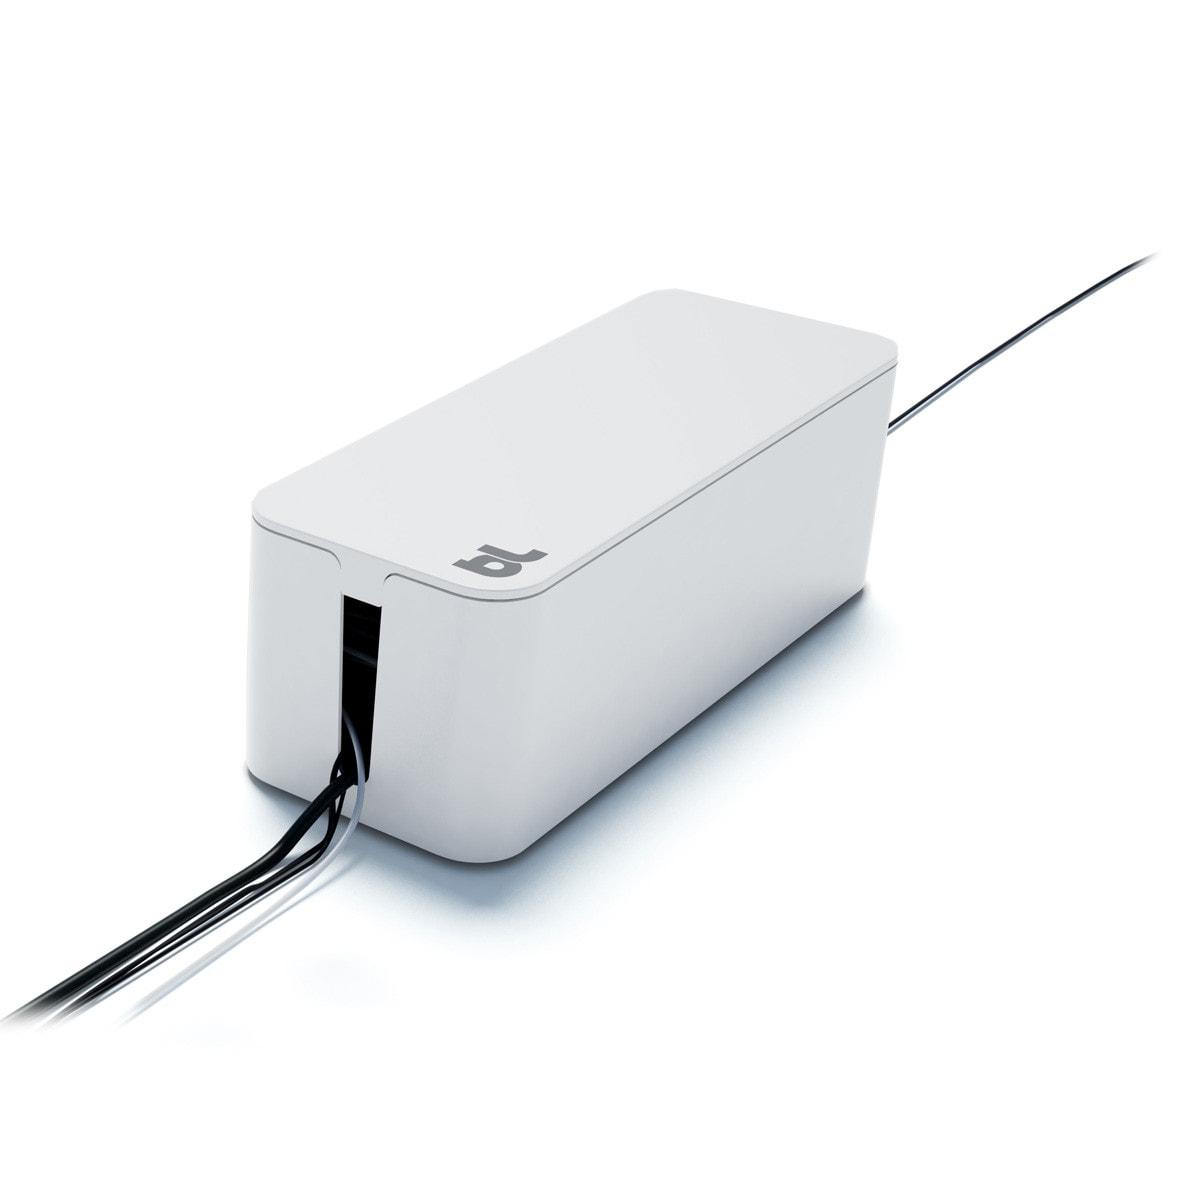 Бокс Bluelounge CableBox для компактного и эргономичного размещения сетевого фильтра и проводов